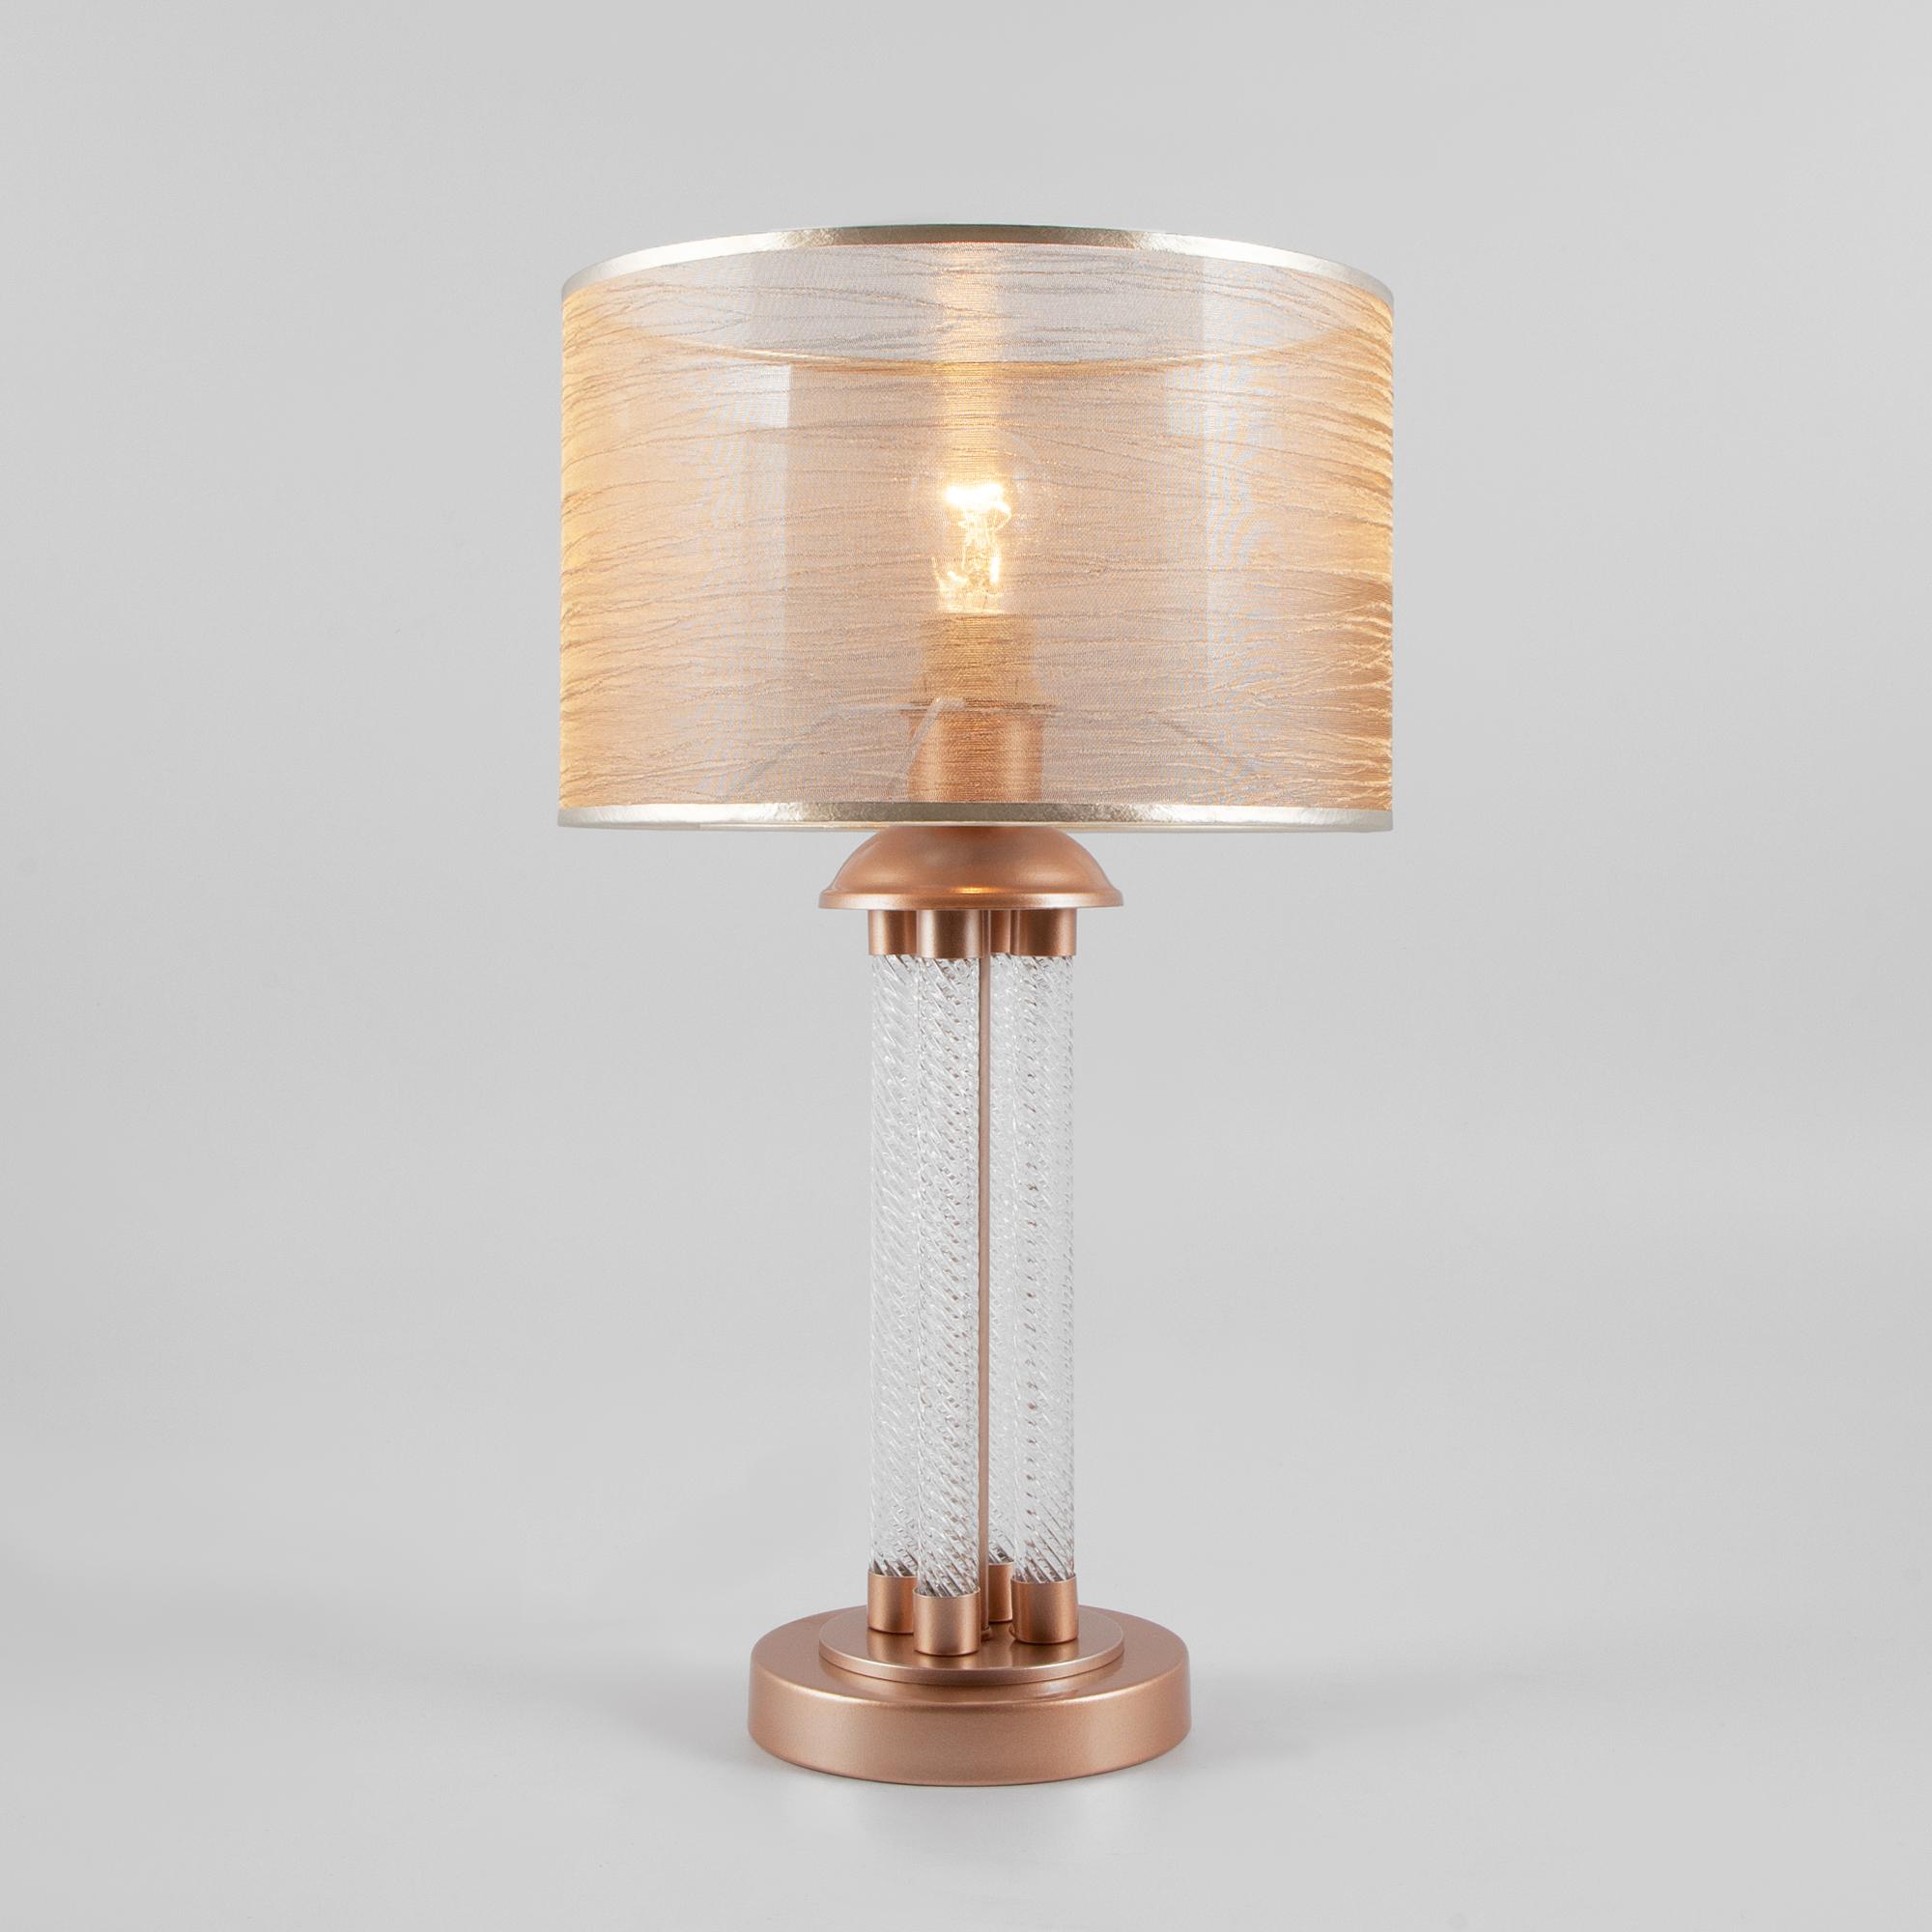 Классическая настольная лампа 01073/1 перламутровое золото